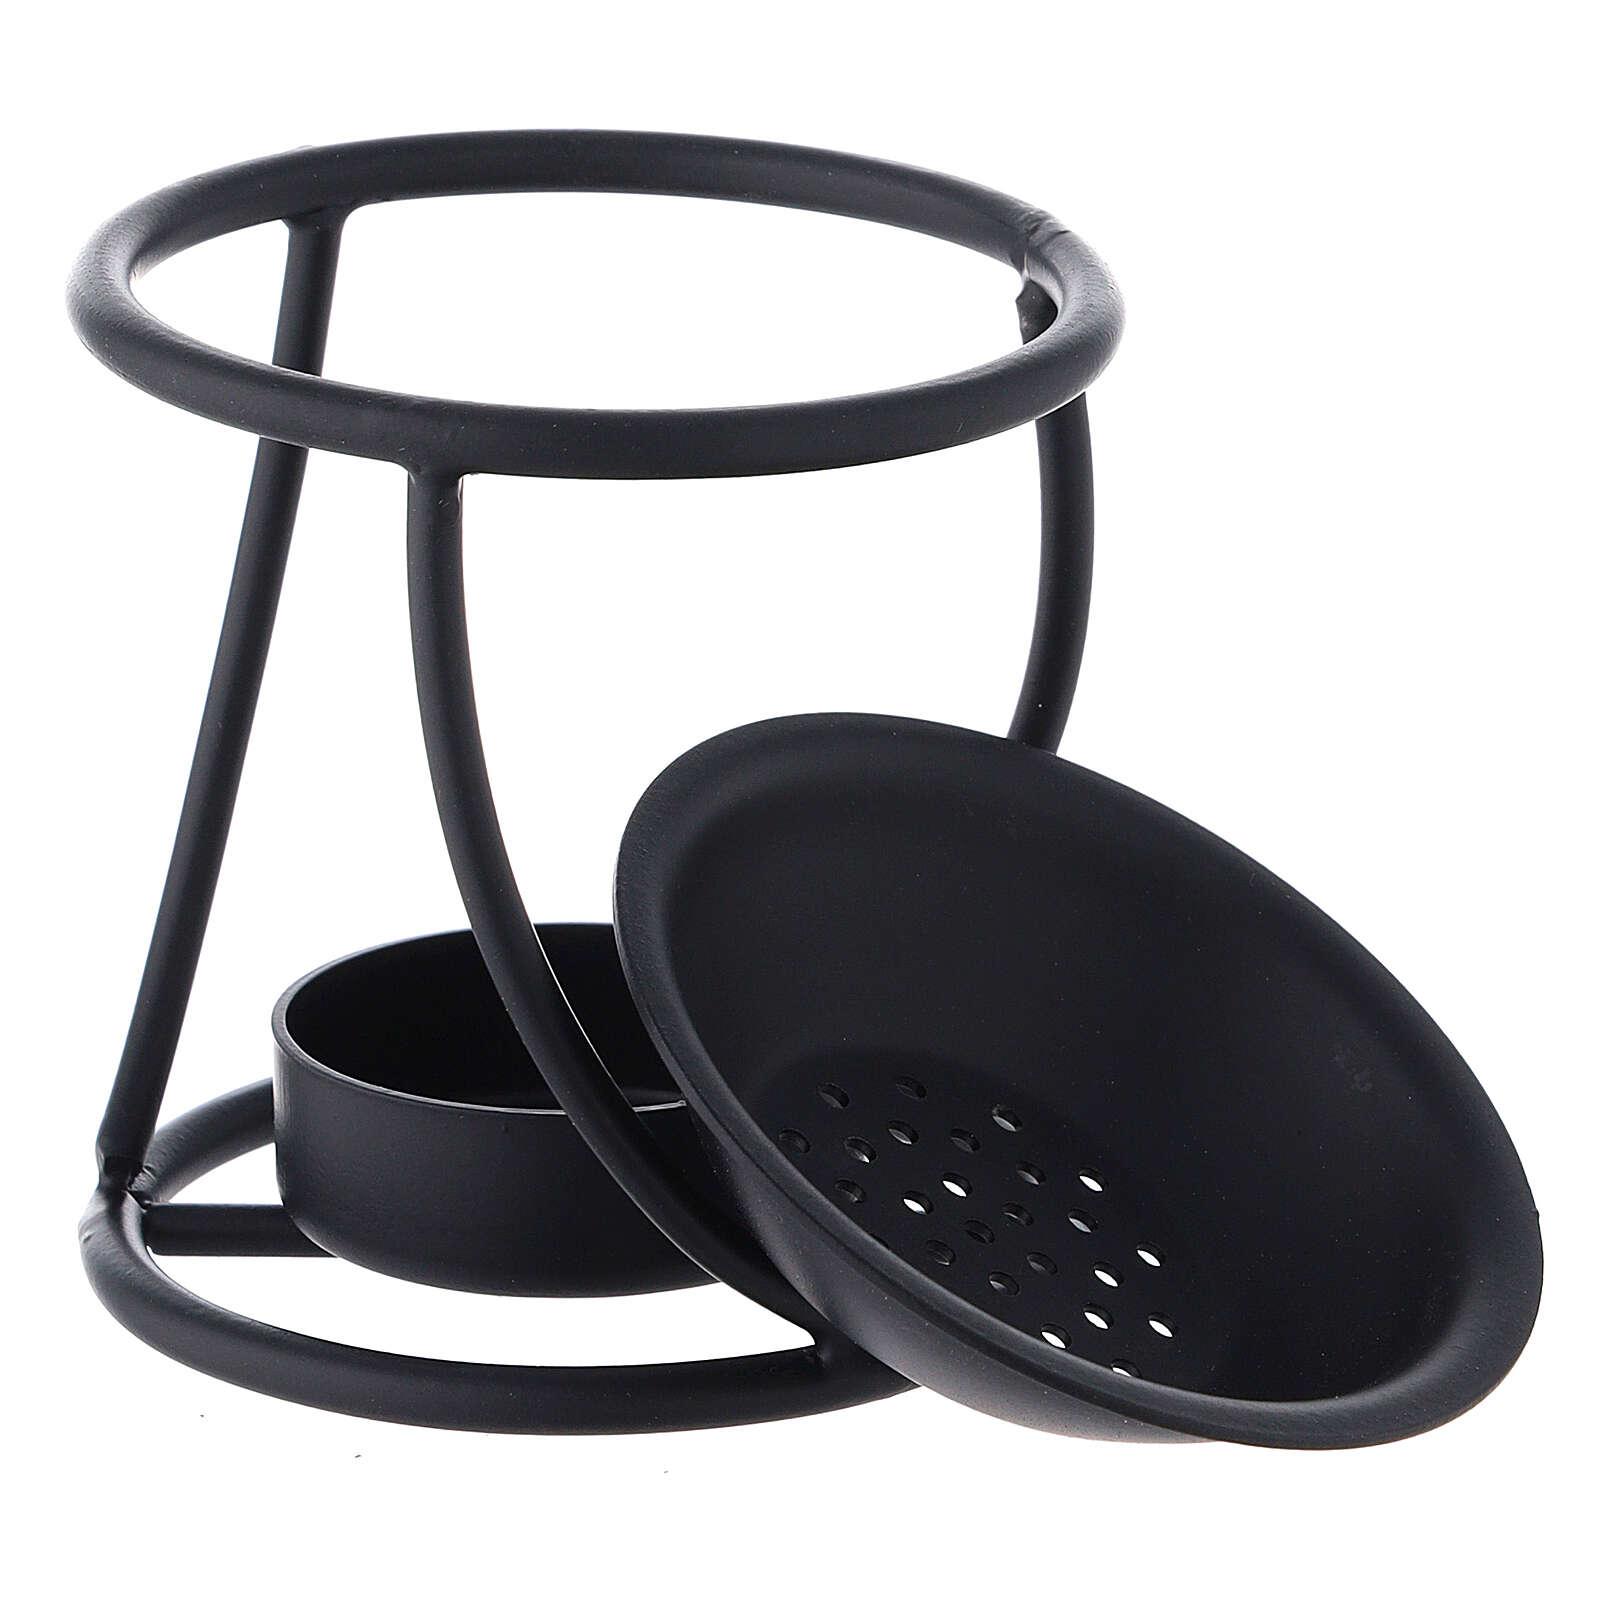 Brûle-encens métal noir spirale bougie 7 cm 3